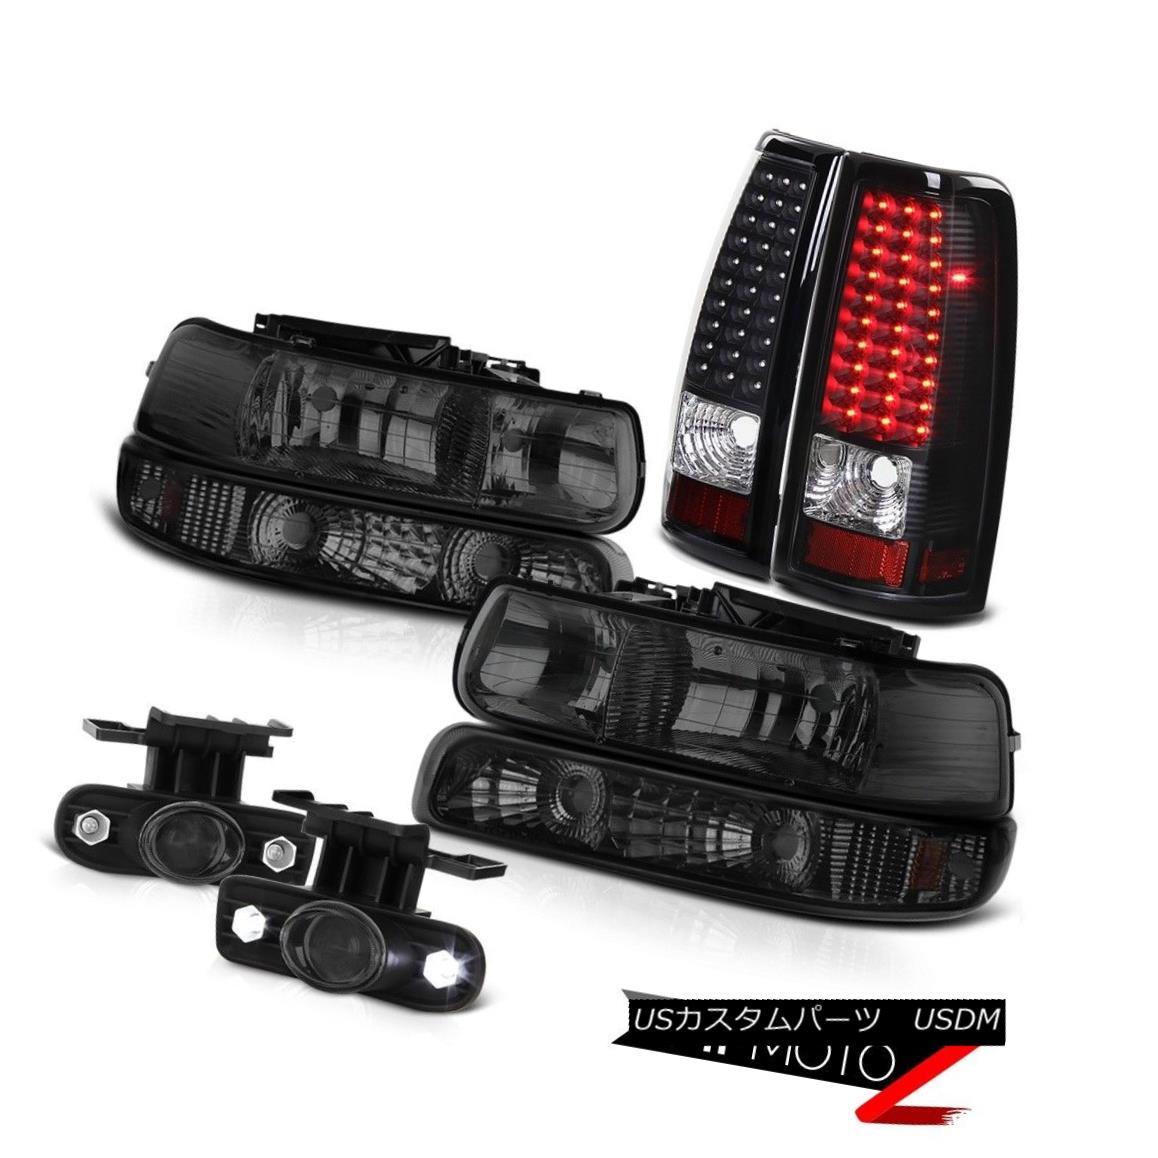 ヘッドライト 1999-2002 Chevrolet Silverado Headlights Turn Signal Bumper Lamp LED Tail Lamps 1999-2002シボレーシルバラードヘッドライトターンシグナルバンパーランプLEDテールランプ